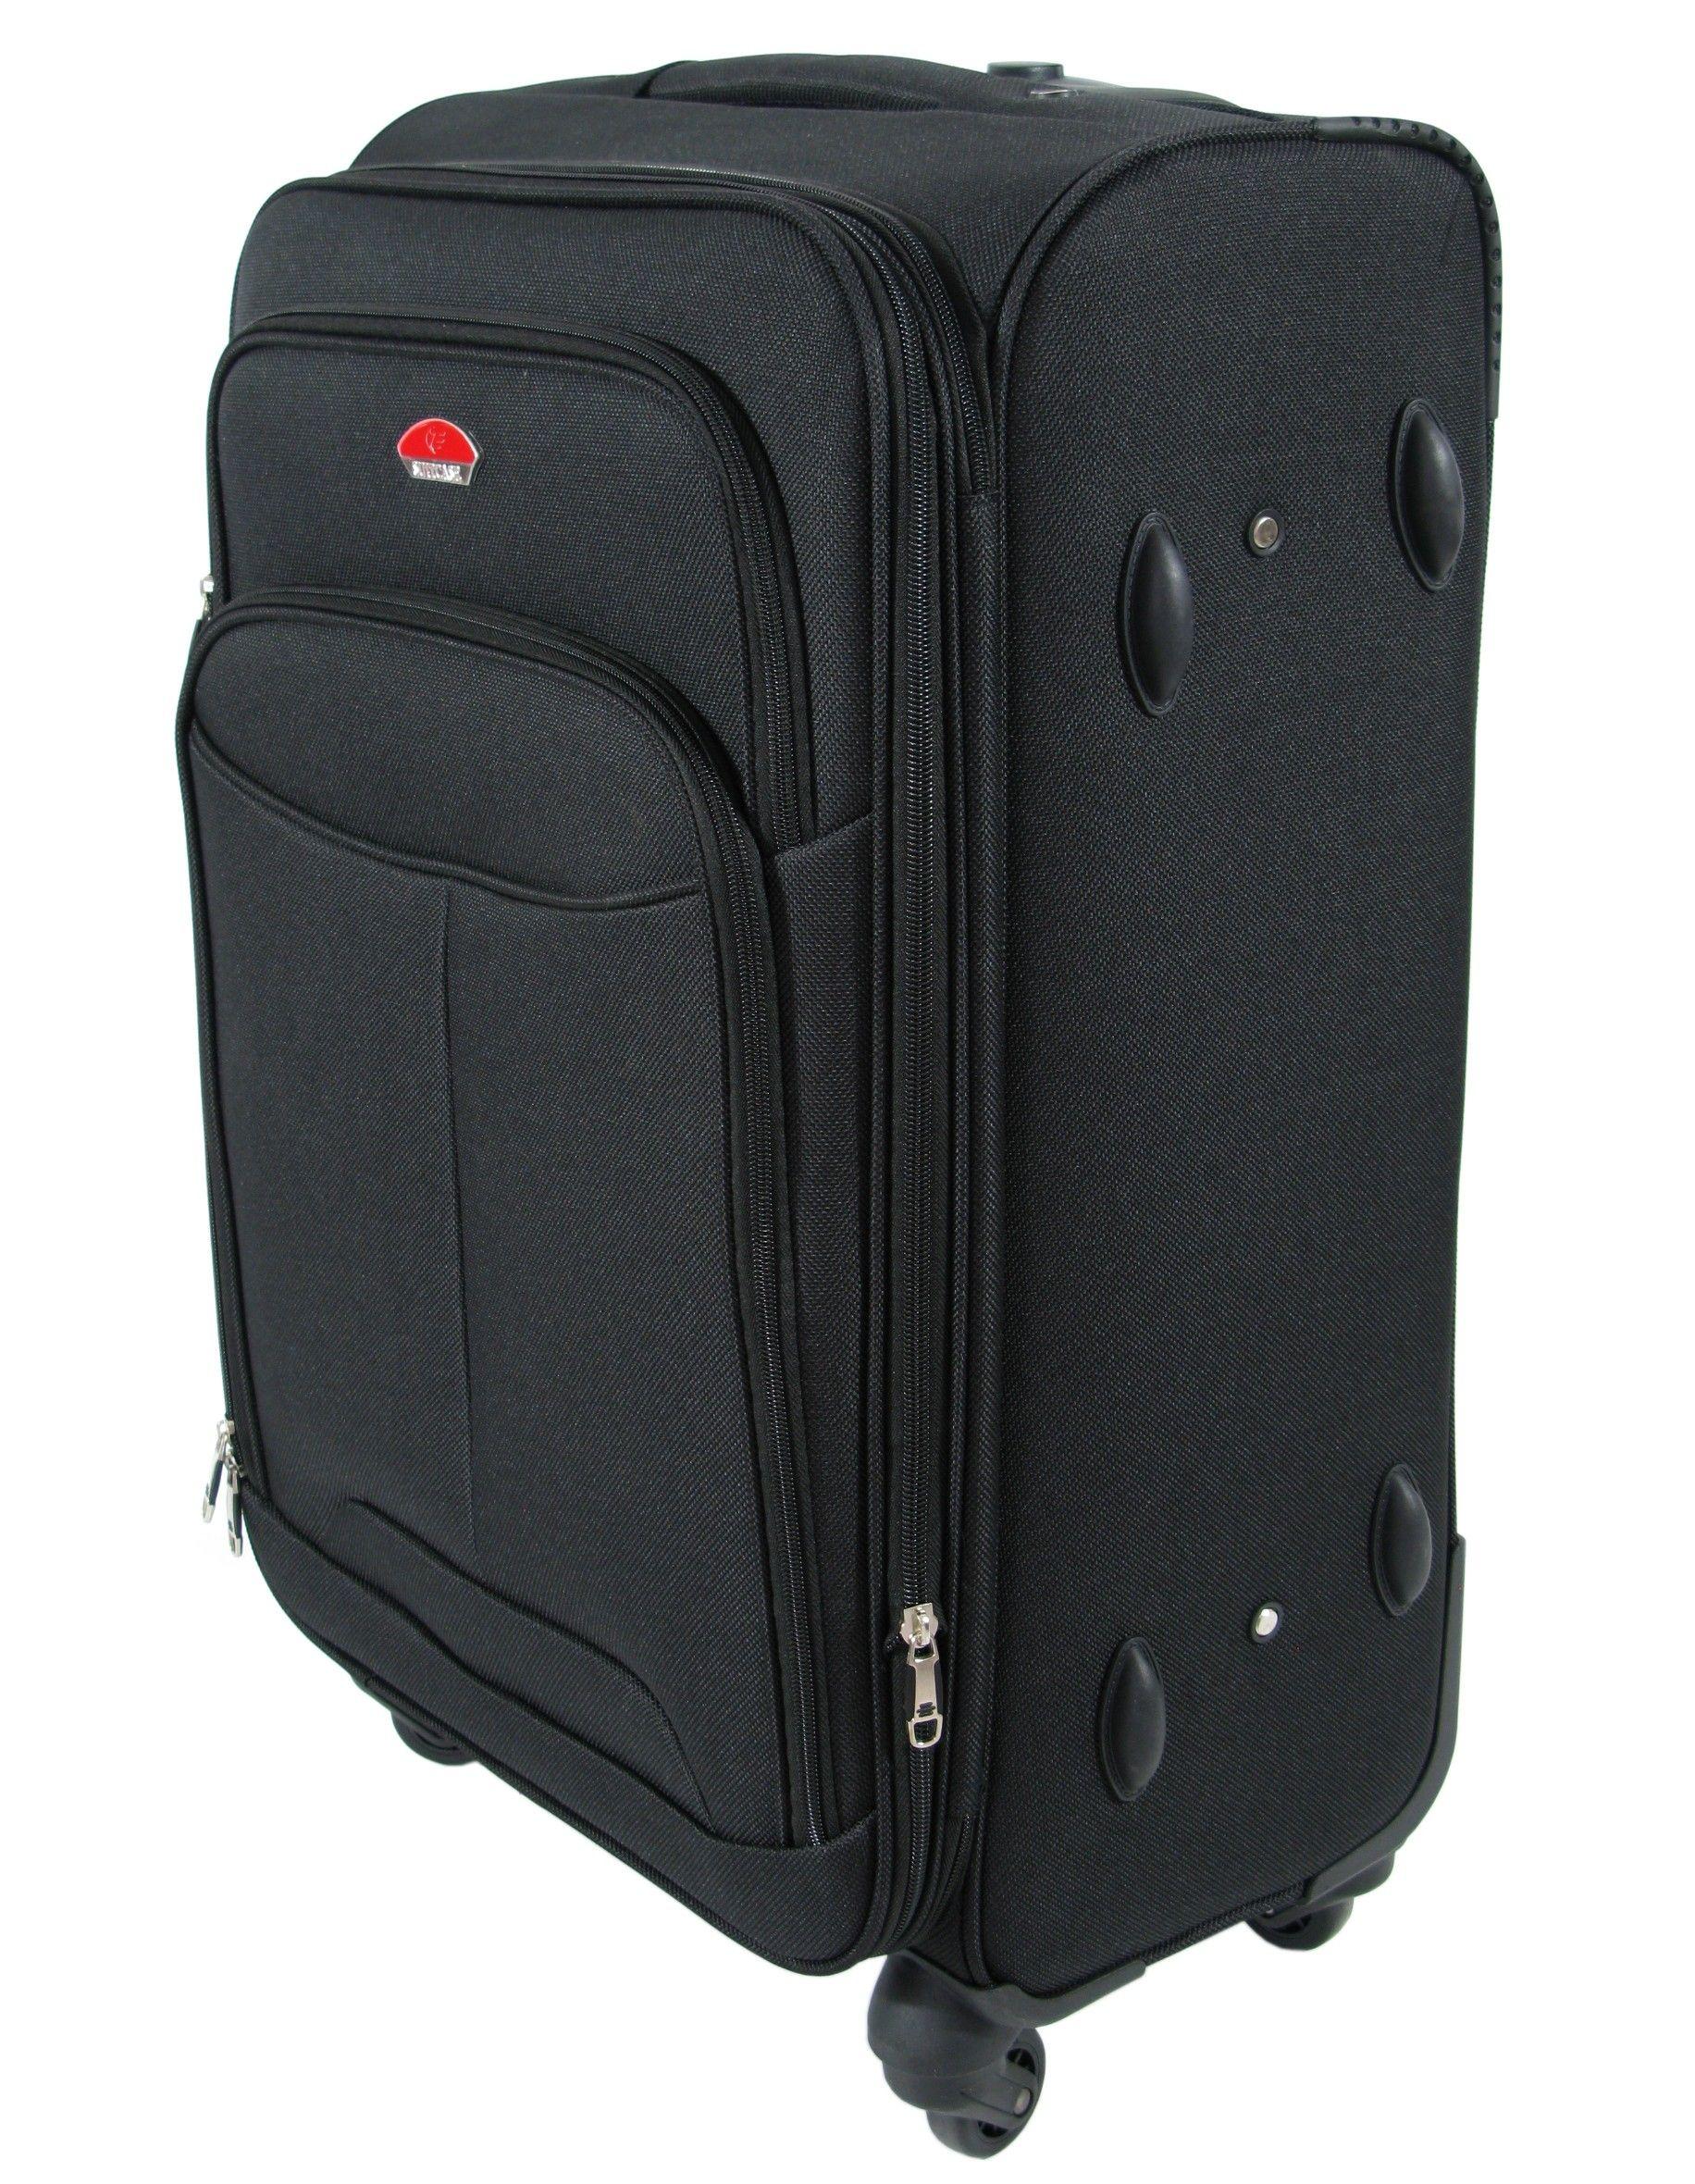 f791c655293e9 Duża walizka na kółkach SUITCASE 013 | Akcesoria skórzane ...